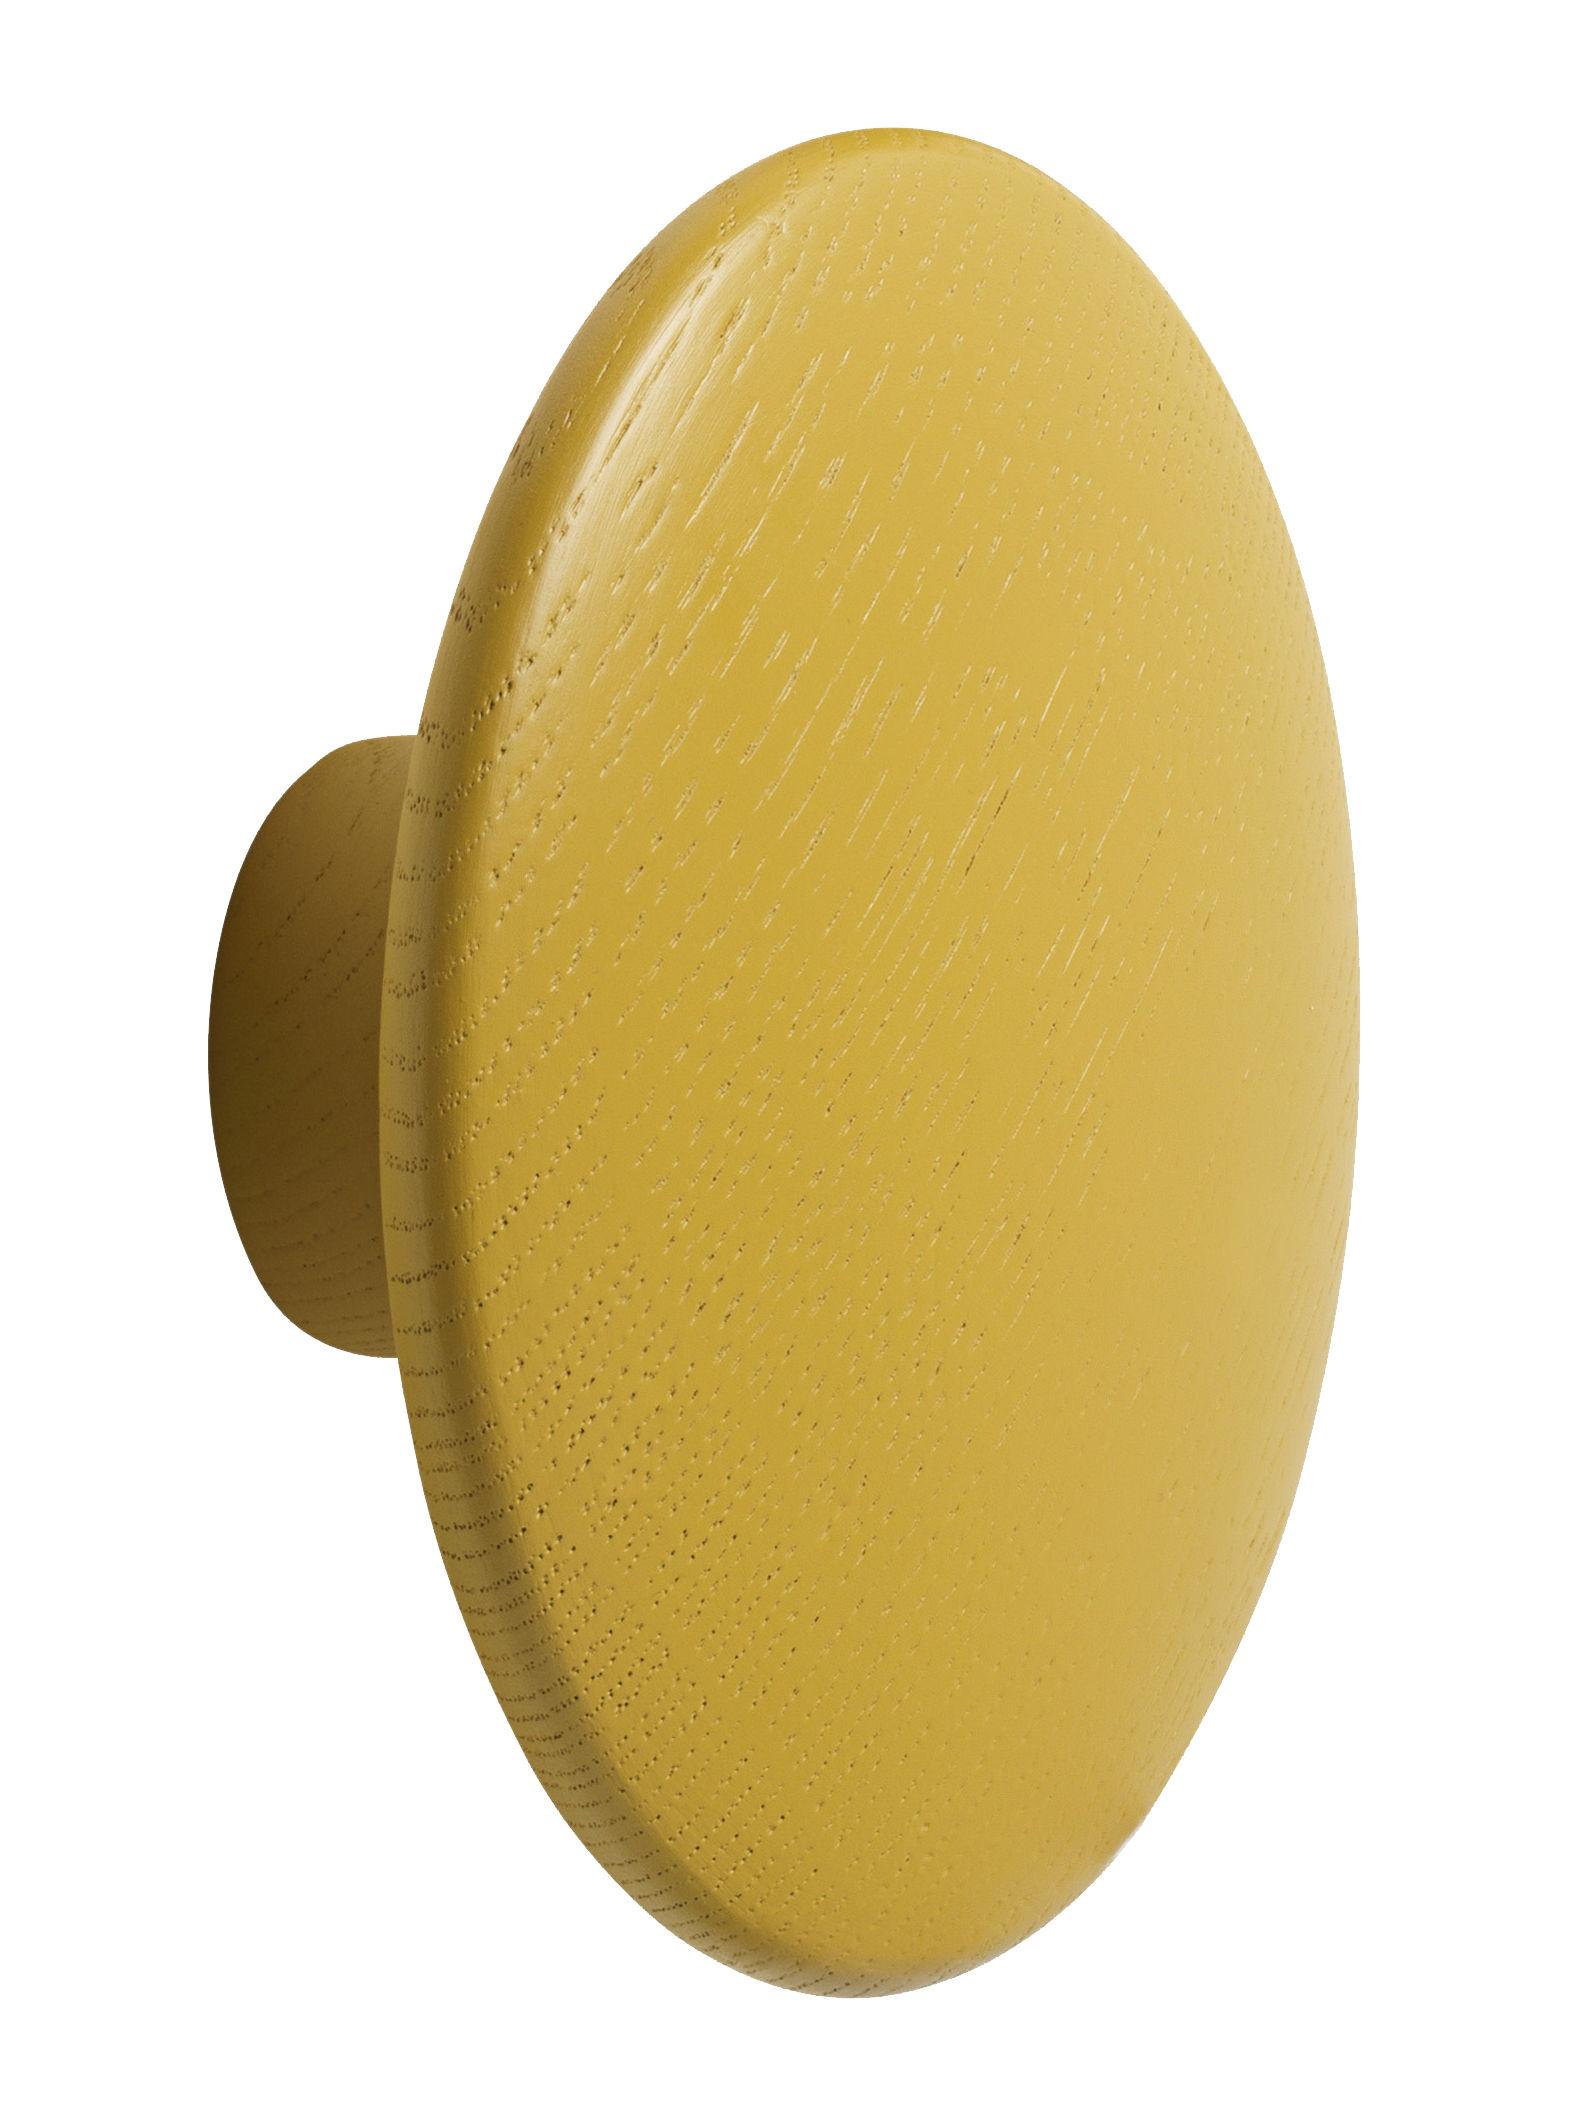 Möbel - Garderoben und Kleiderhaken - The dots Wandhaken / Medium - Ø 13 cm - Muuto - Senfgelb - getönte Esche